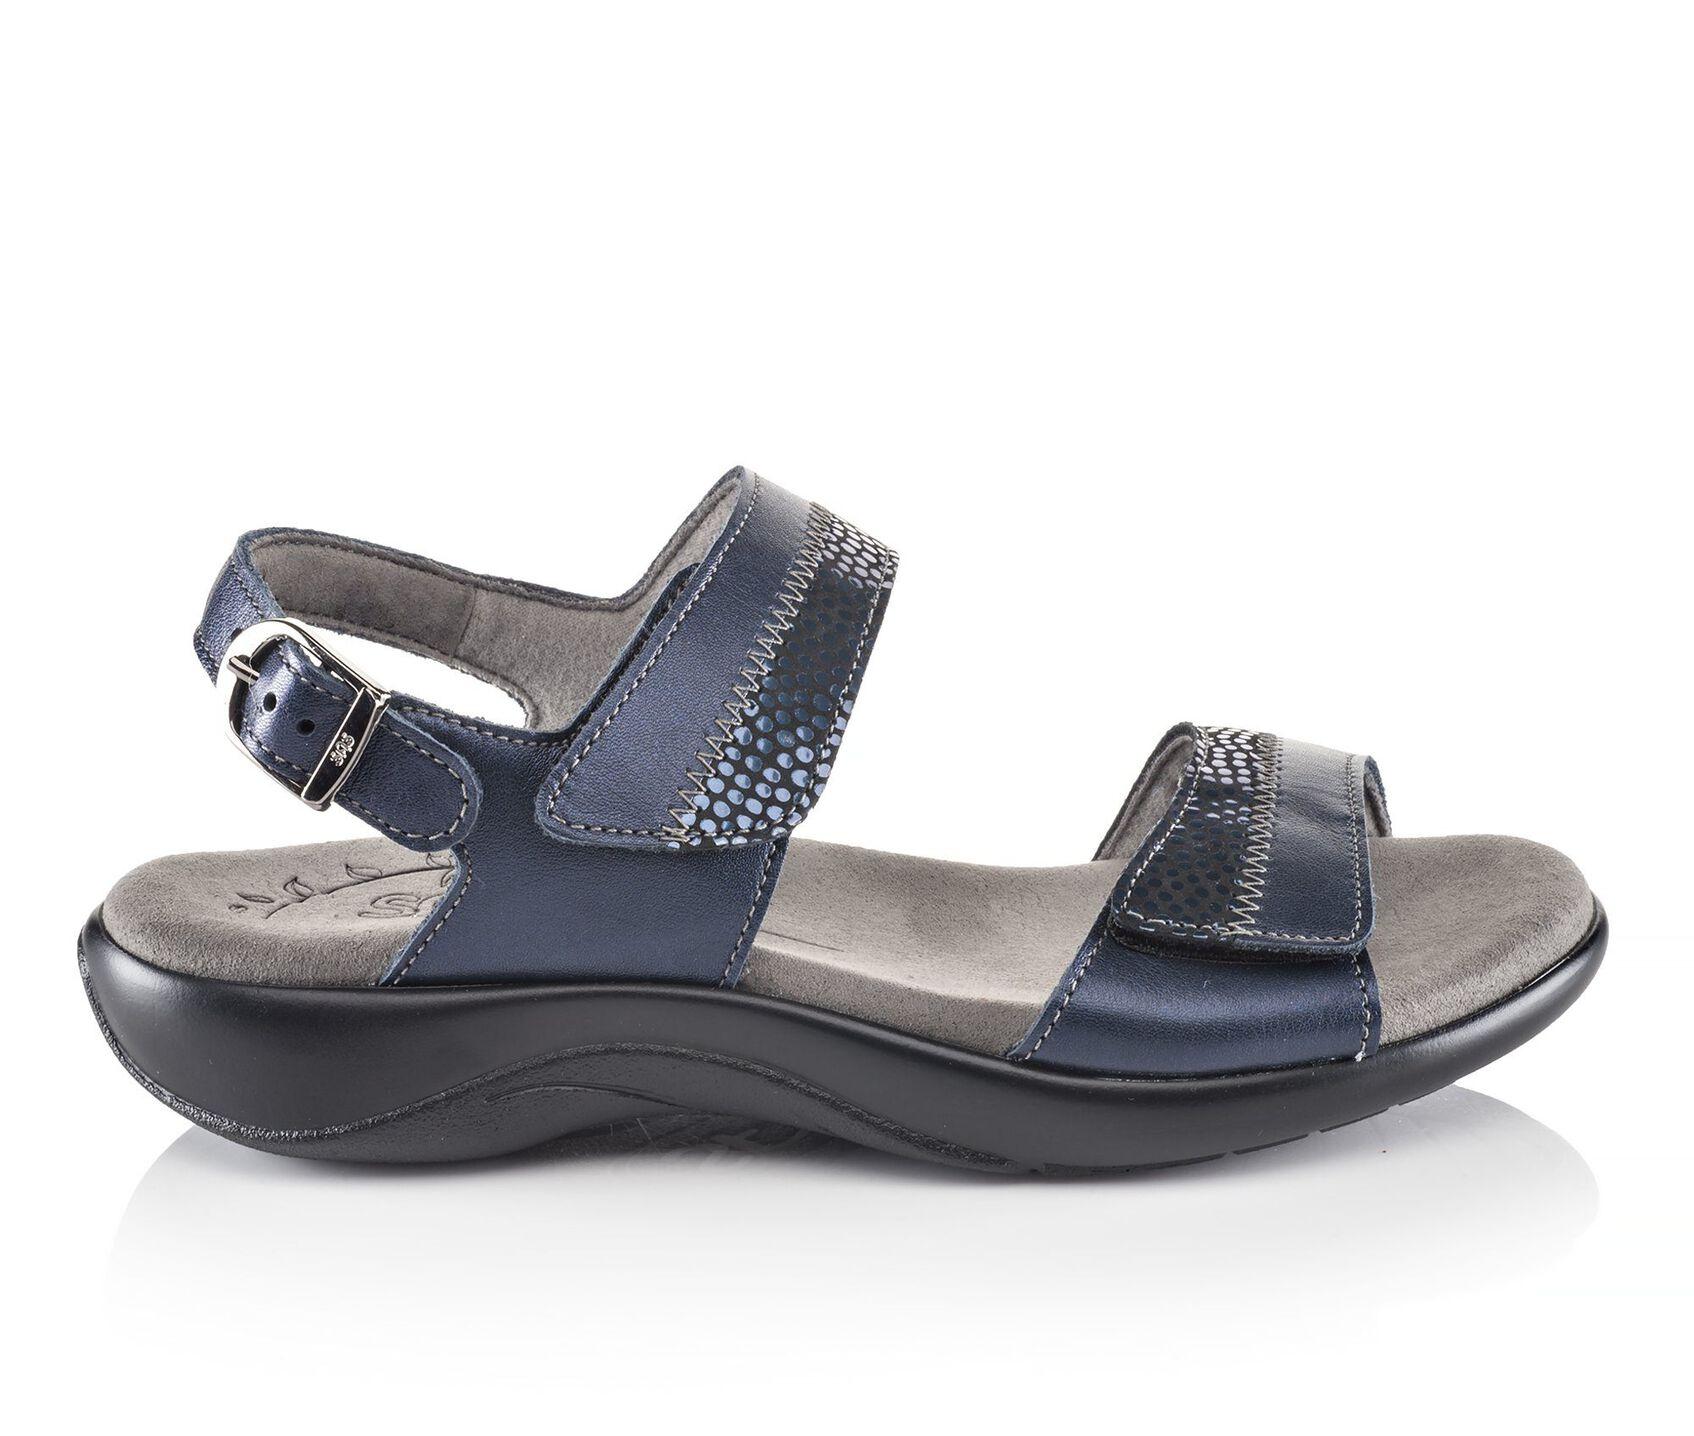 de39e0af637a Women s Sas Nudu Sandals